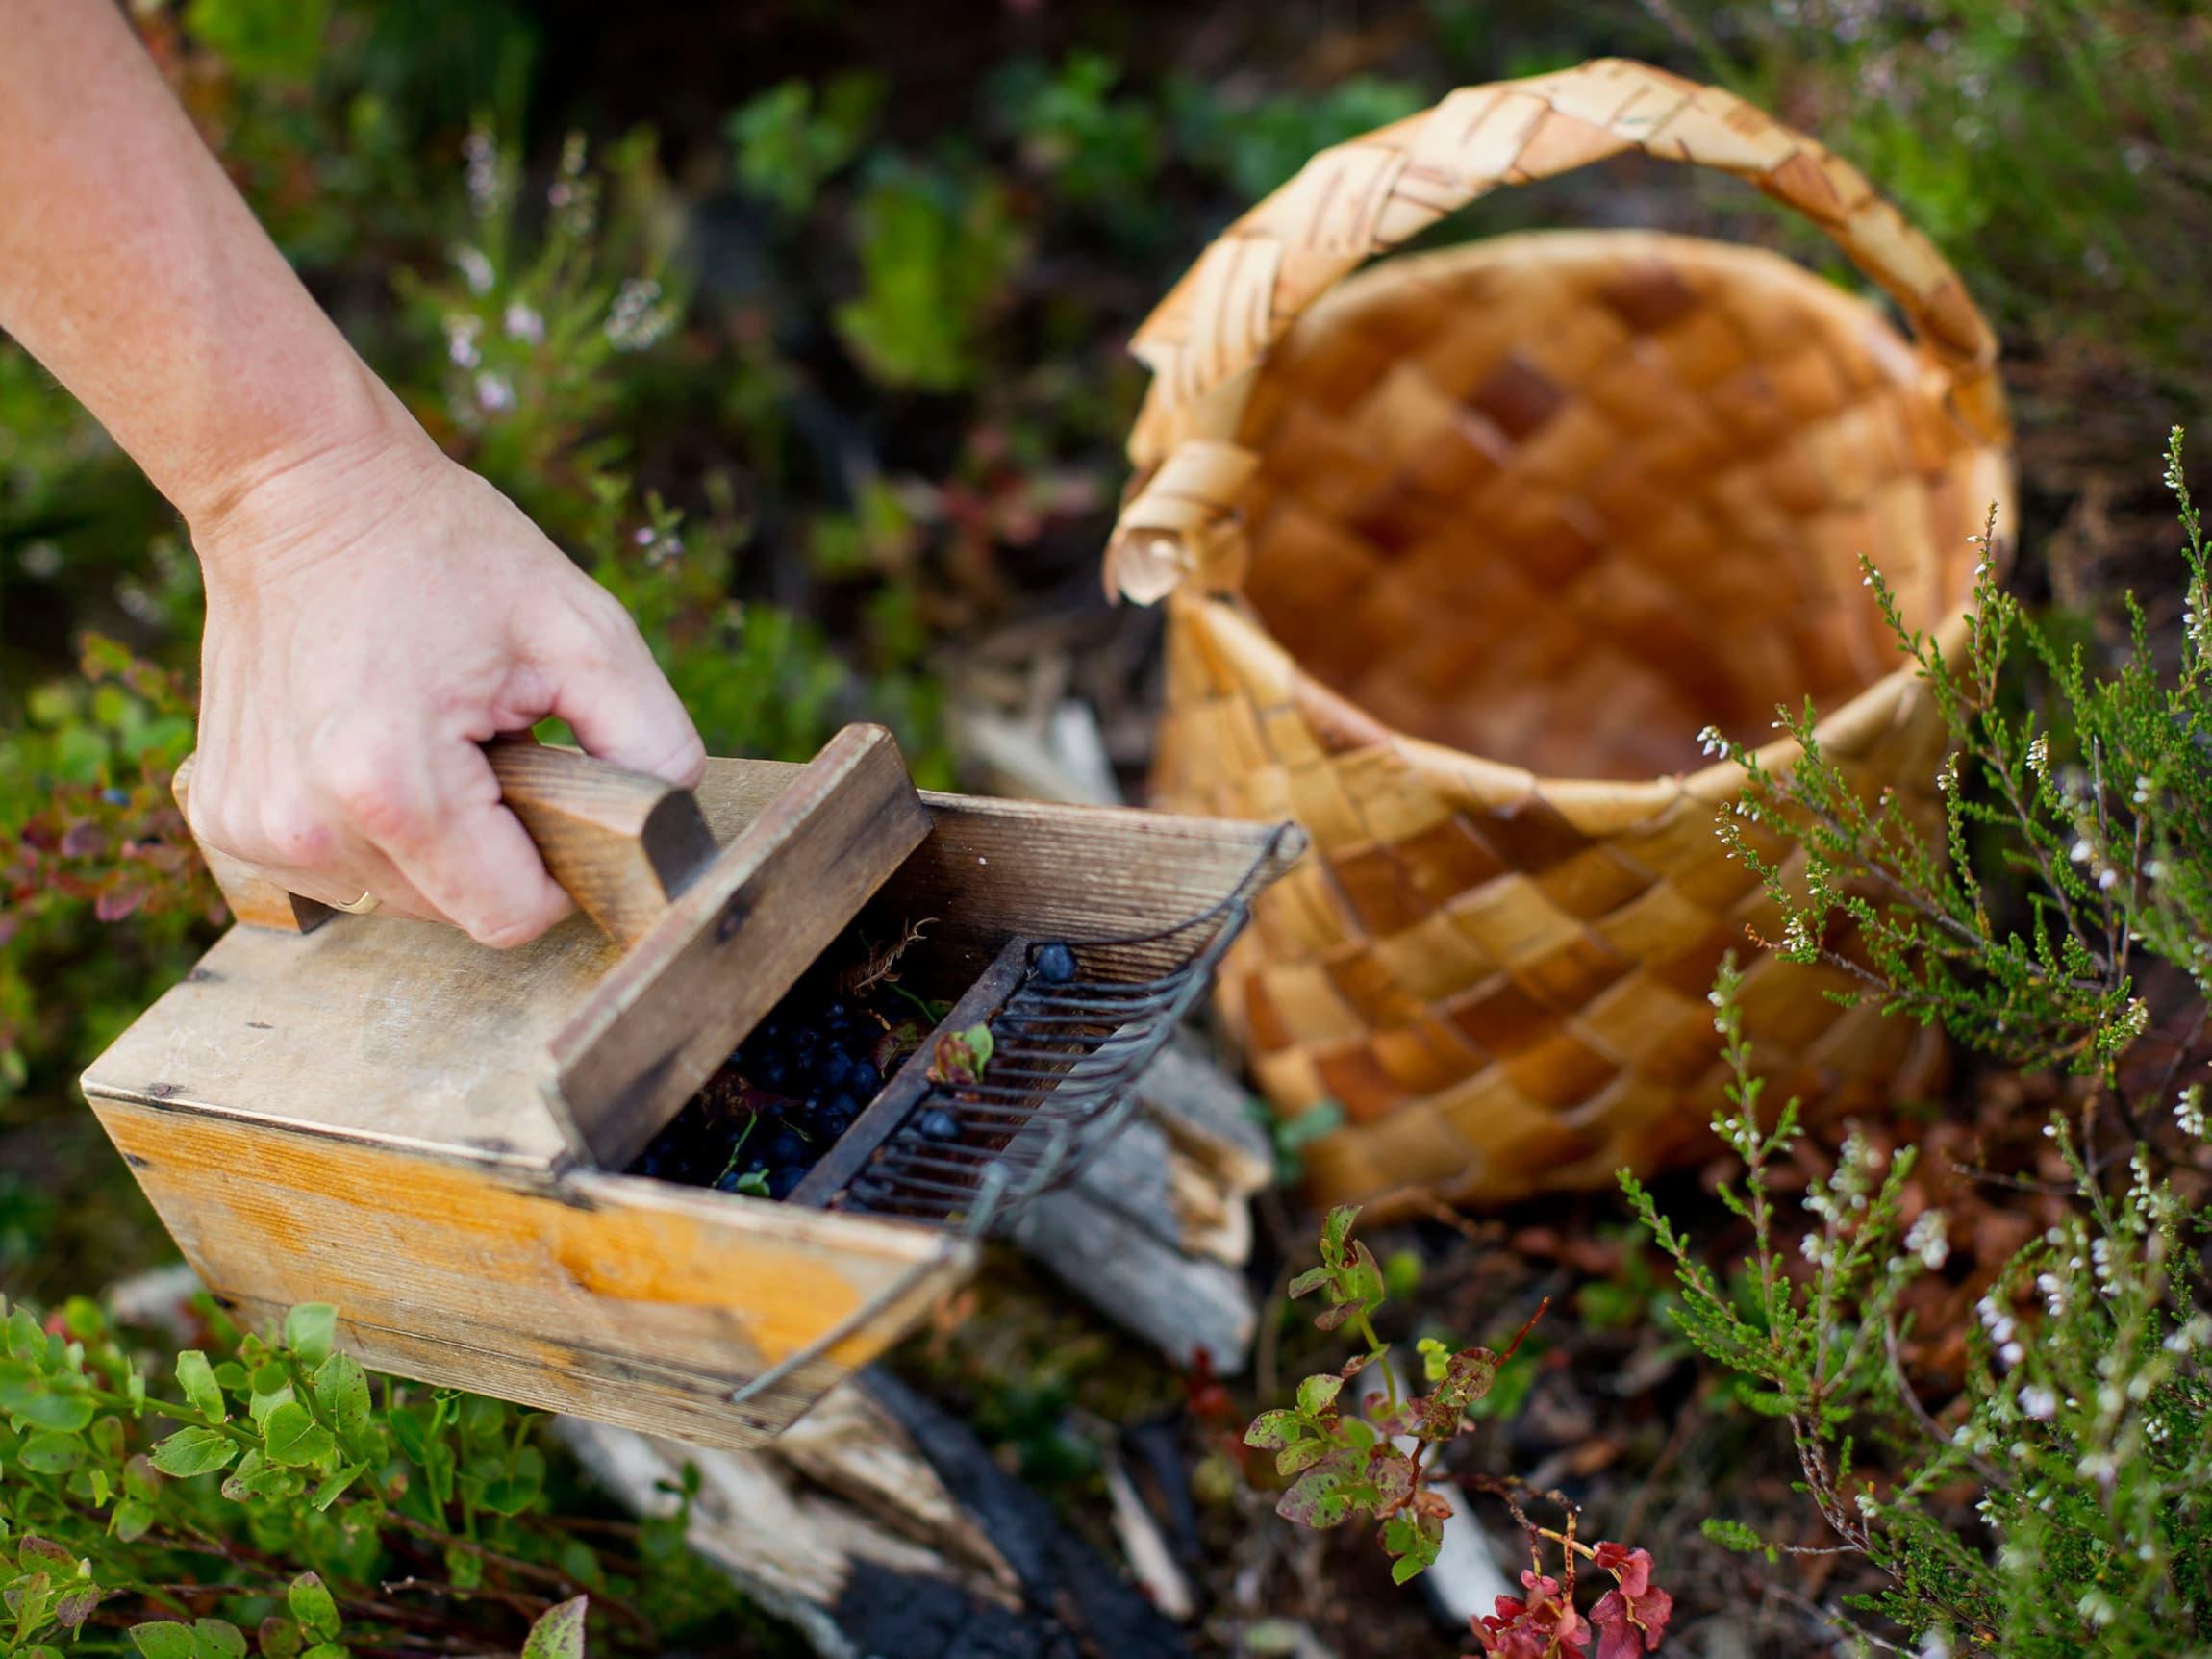 På Røyland Gård lages geleer og syltetøy av håndplukkede, ville bær rundt gården.